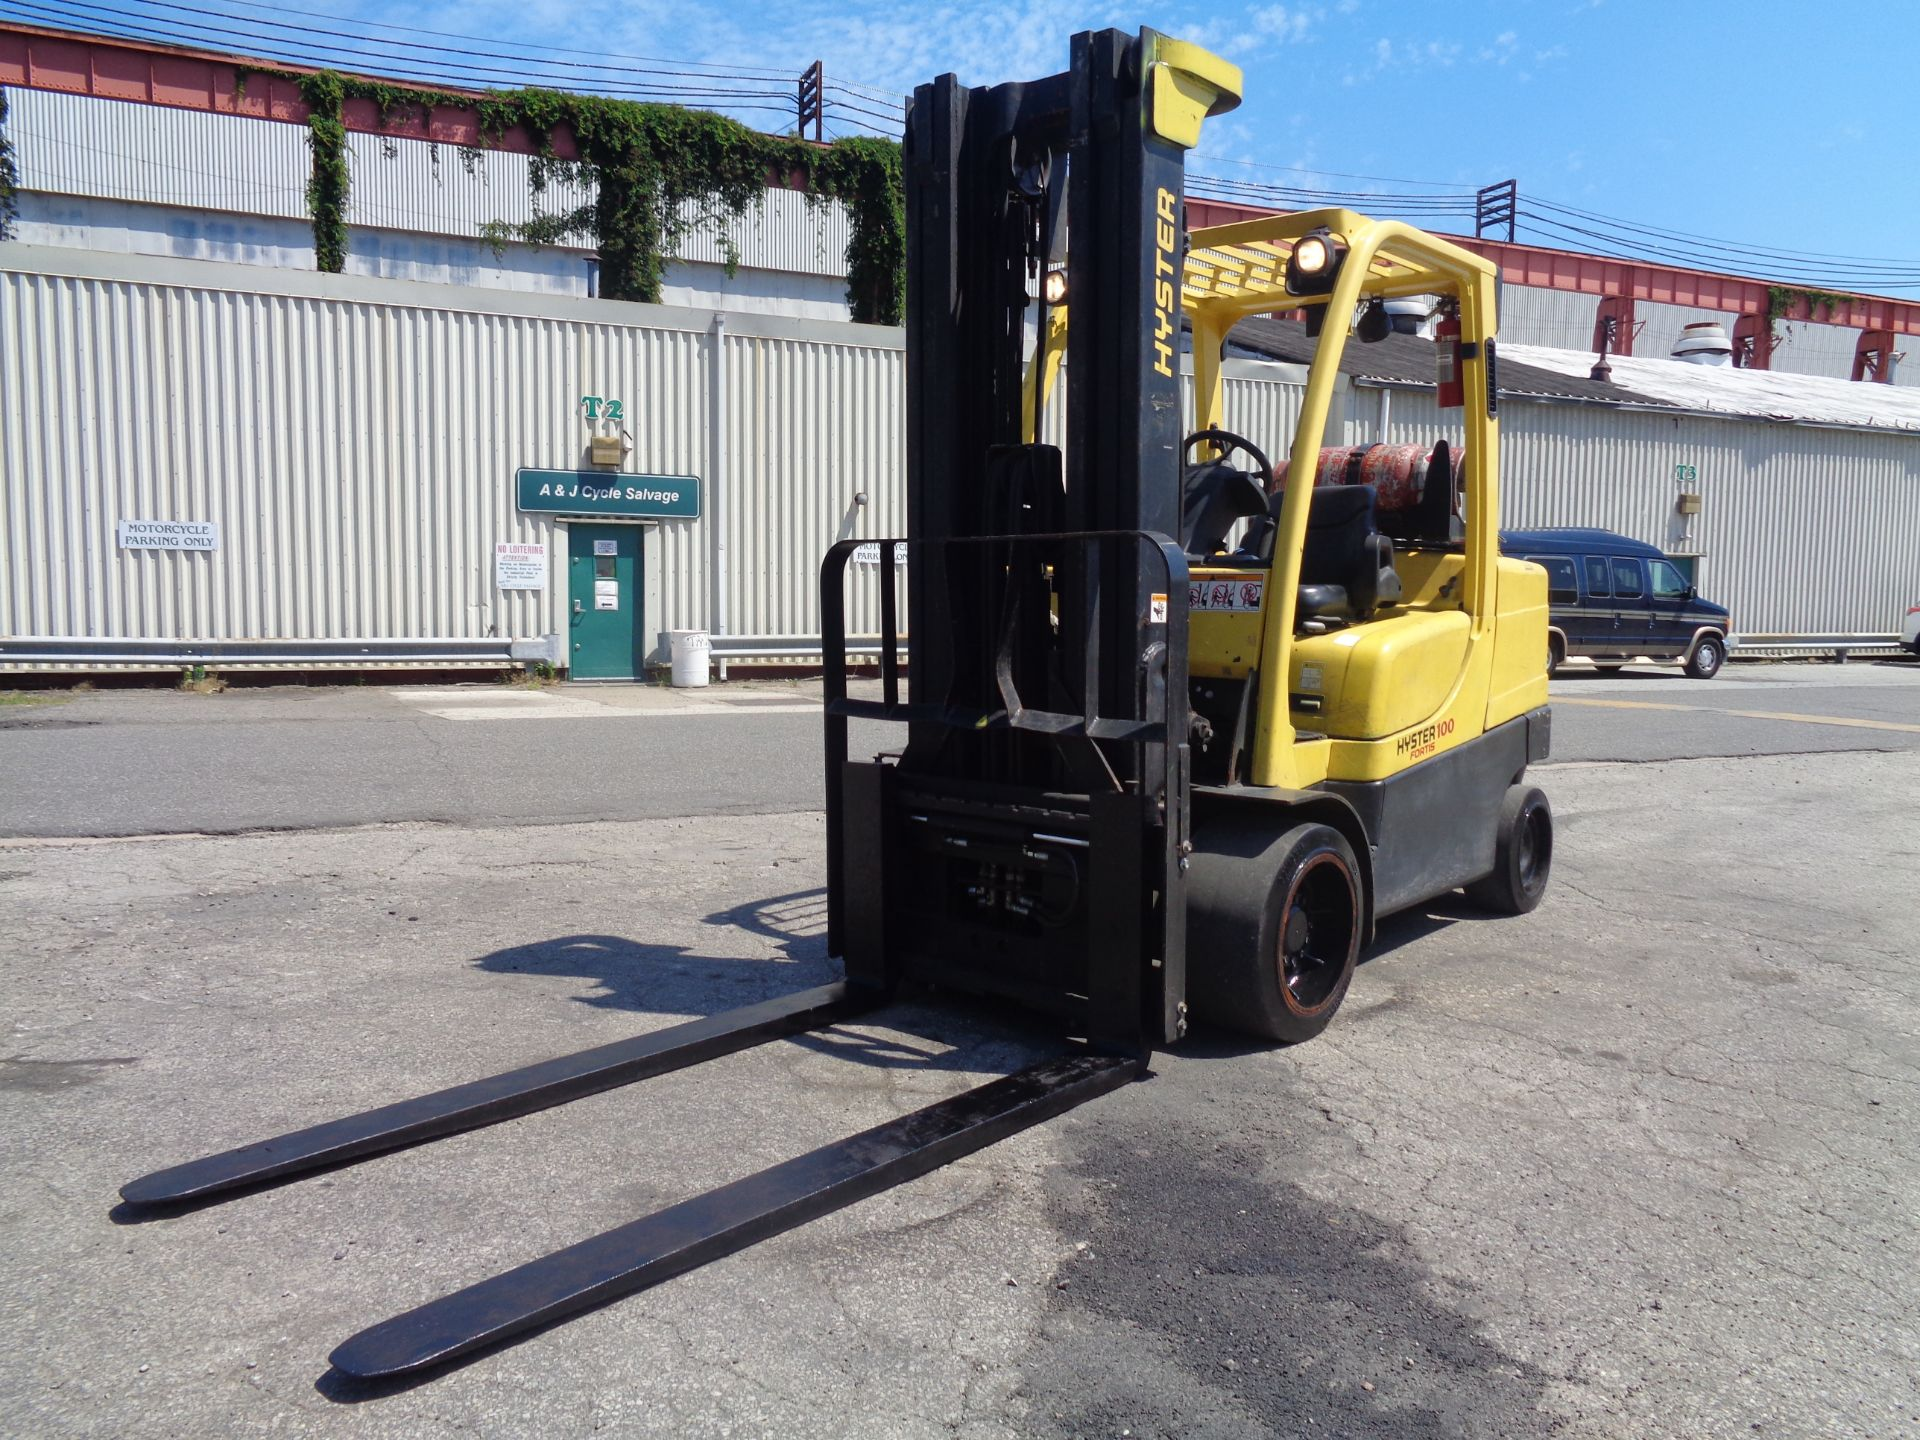 Hyster S100FT 10,000lb Forklift - Image 11 of 19